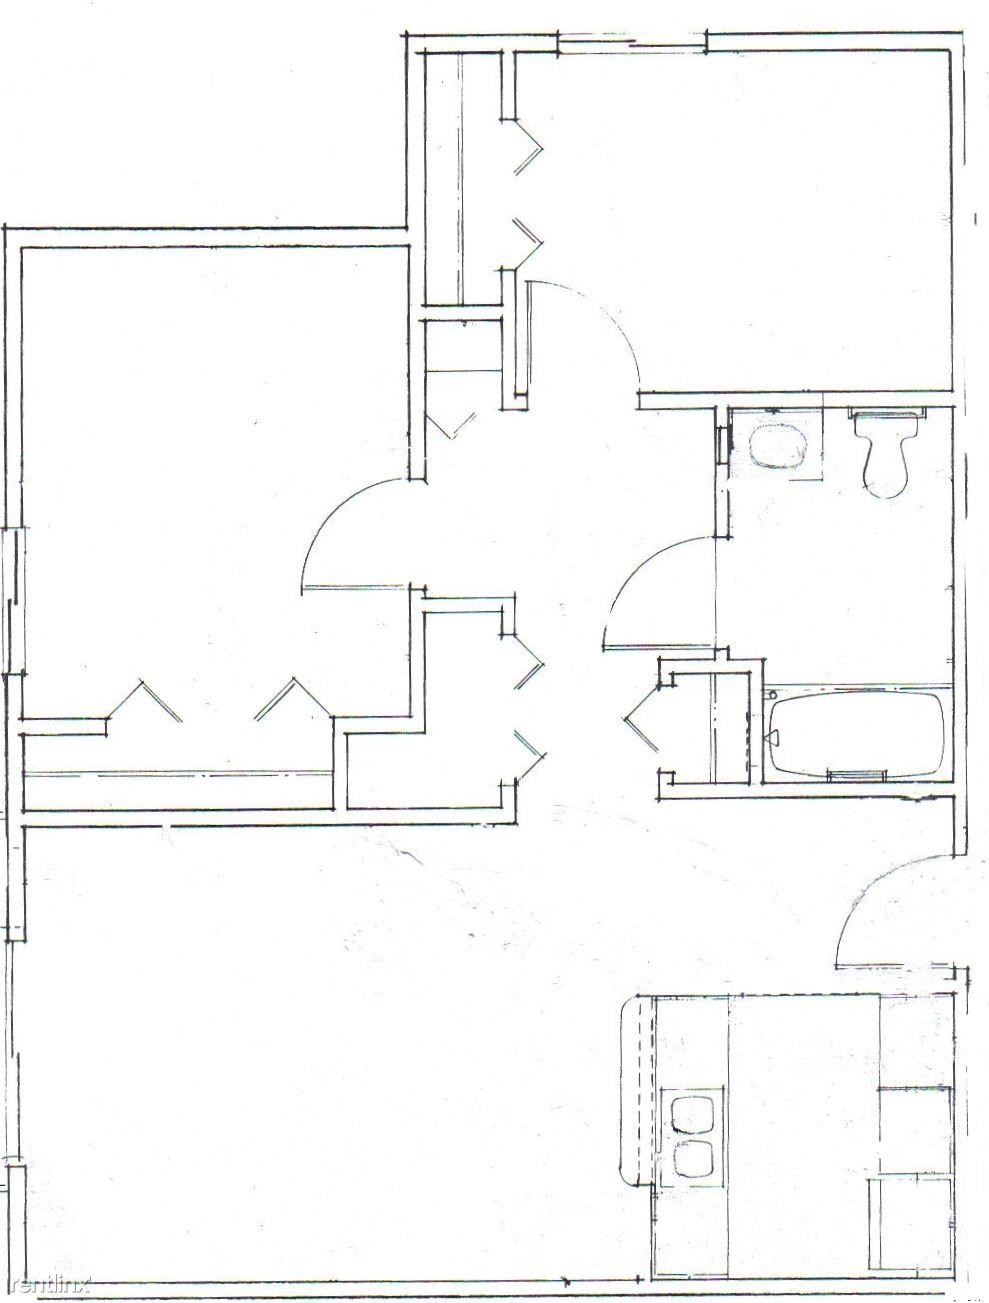 Stanton Park - 2 Bedroom